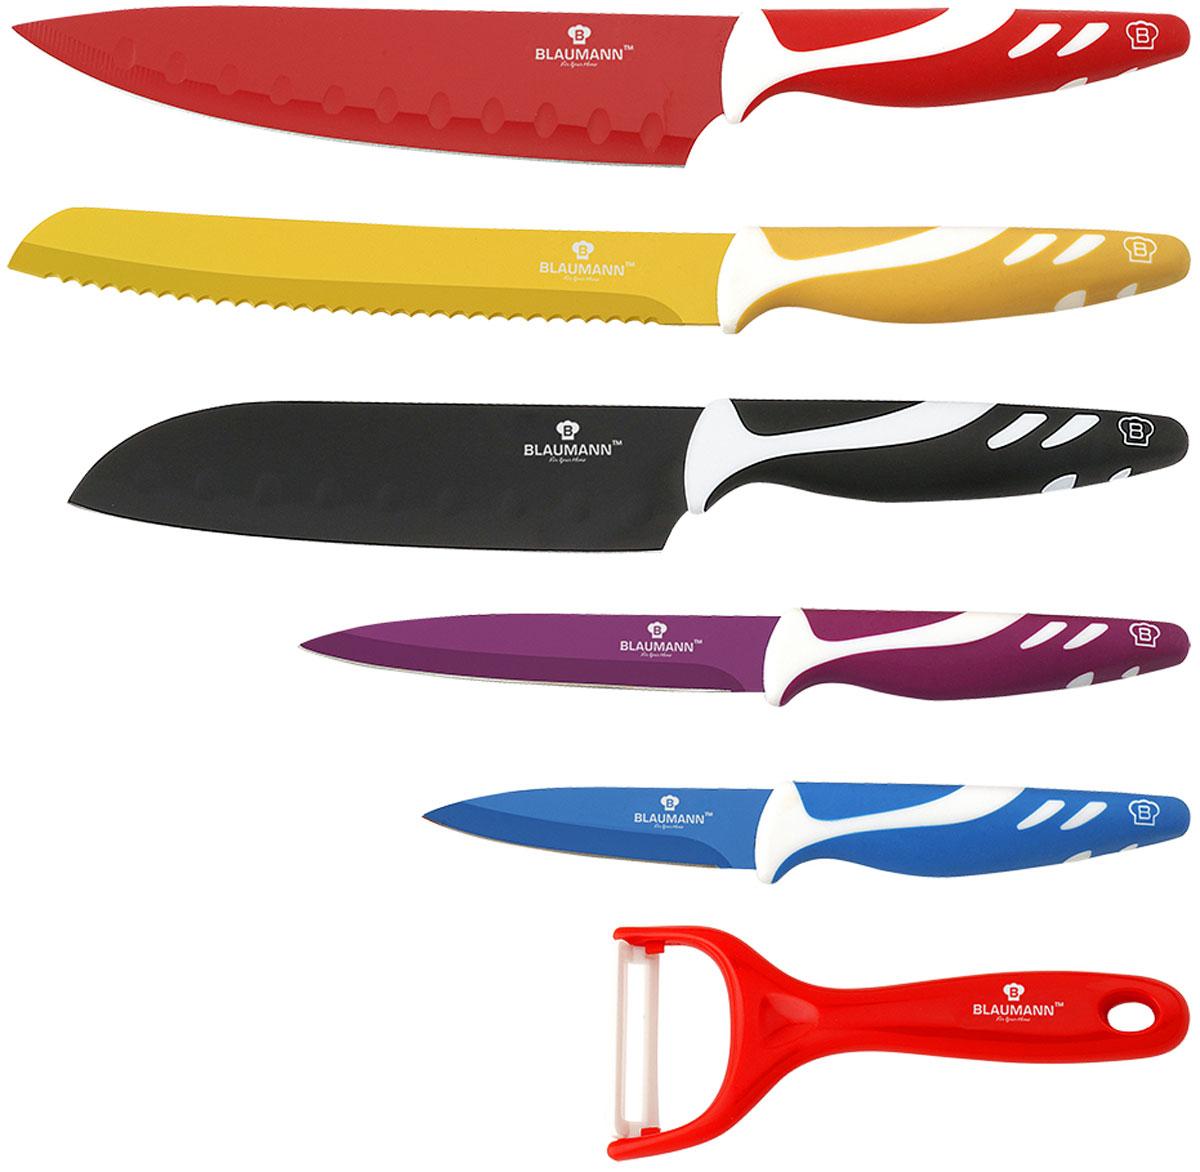 Набор кухонных ножей Blaumann, 6 предметов набор кухонных ножей bohmann на подставке 7 предметов